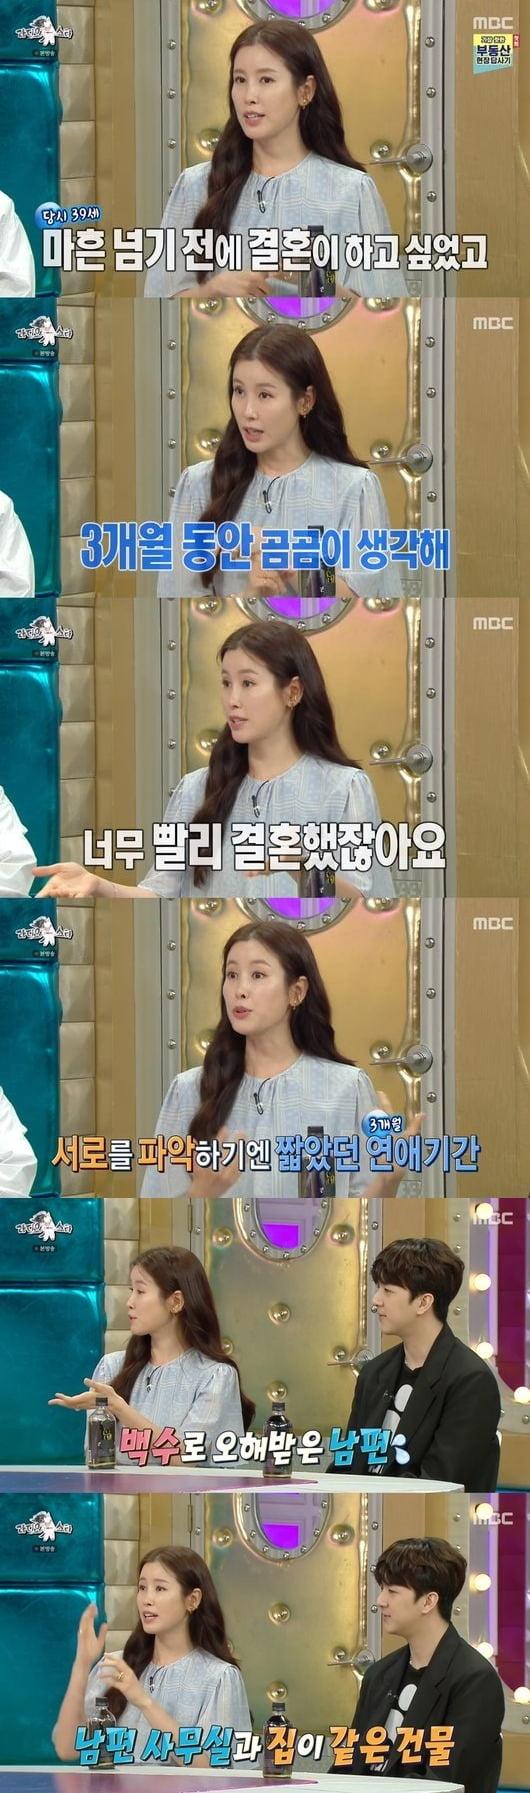 사진= MBC '라디오스타' 방송 화면.